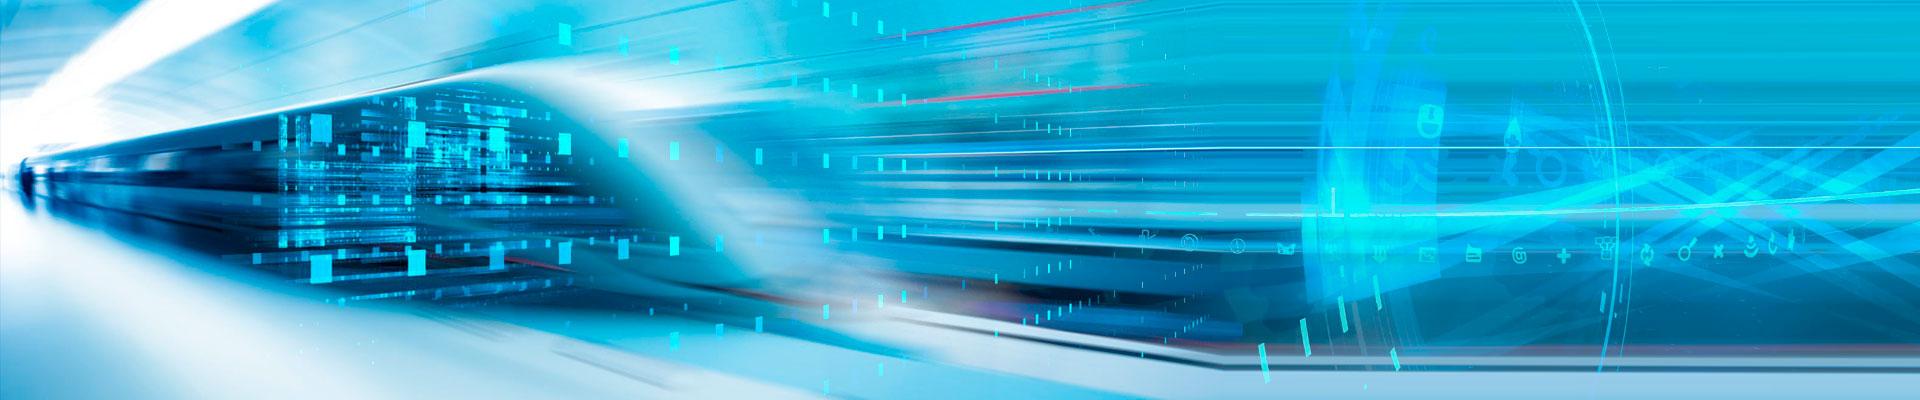 Приказ Минкомсвязи России № 923 «Об утверждении Концепции создания и развития сетей 5G/IMT-2020 в Российской Федерации»